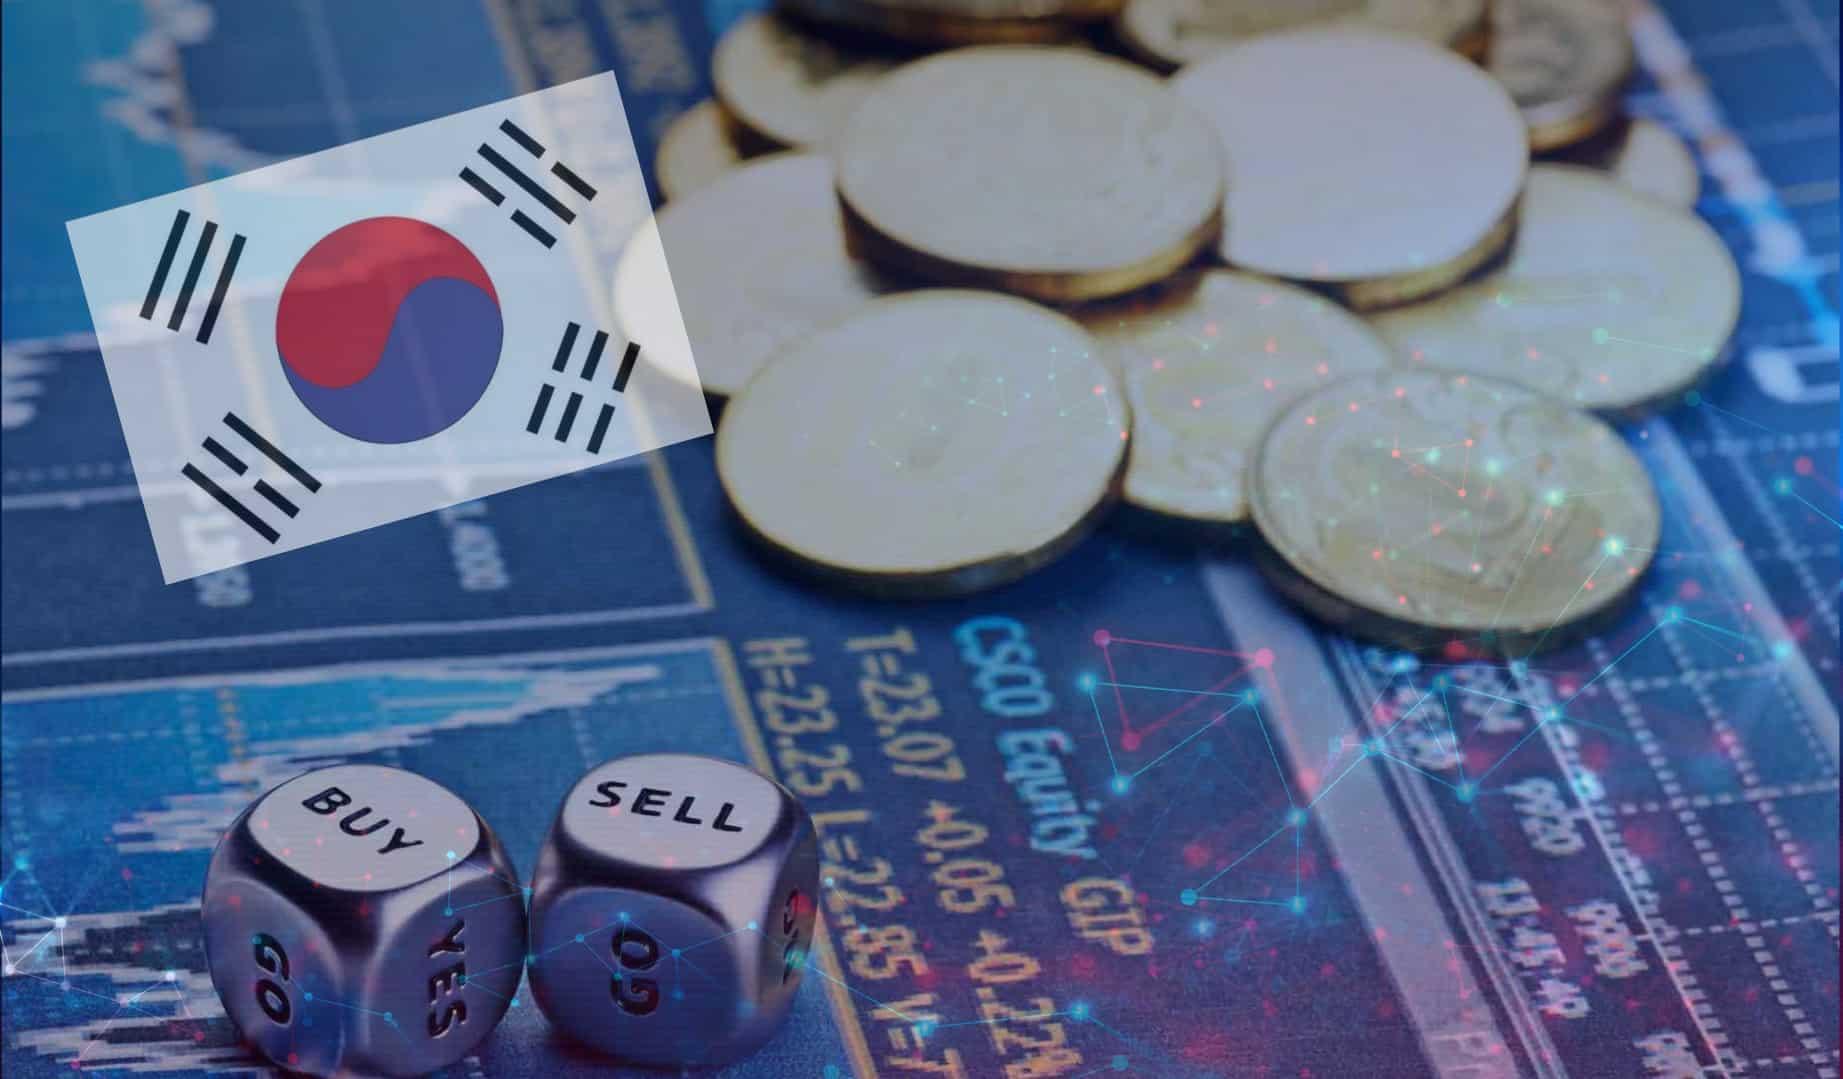 cryptotrader überprüfung 2021 irs rekord bitcoin gewinn